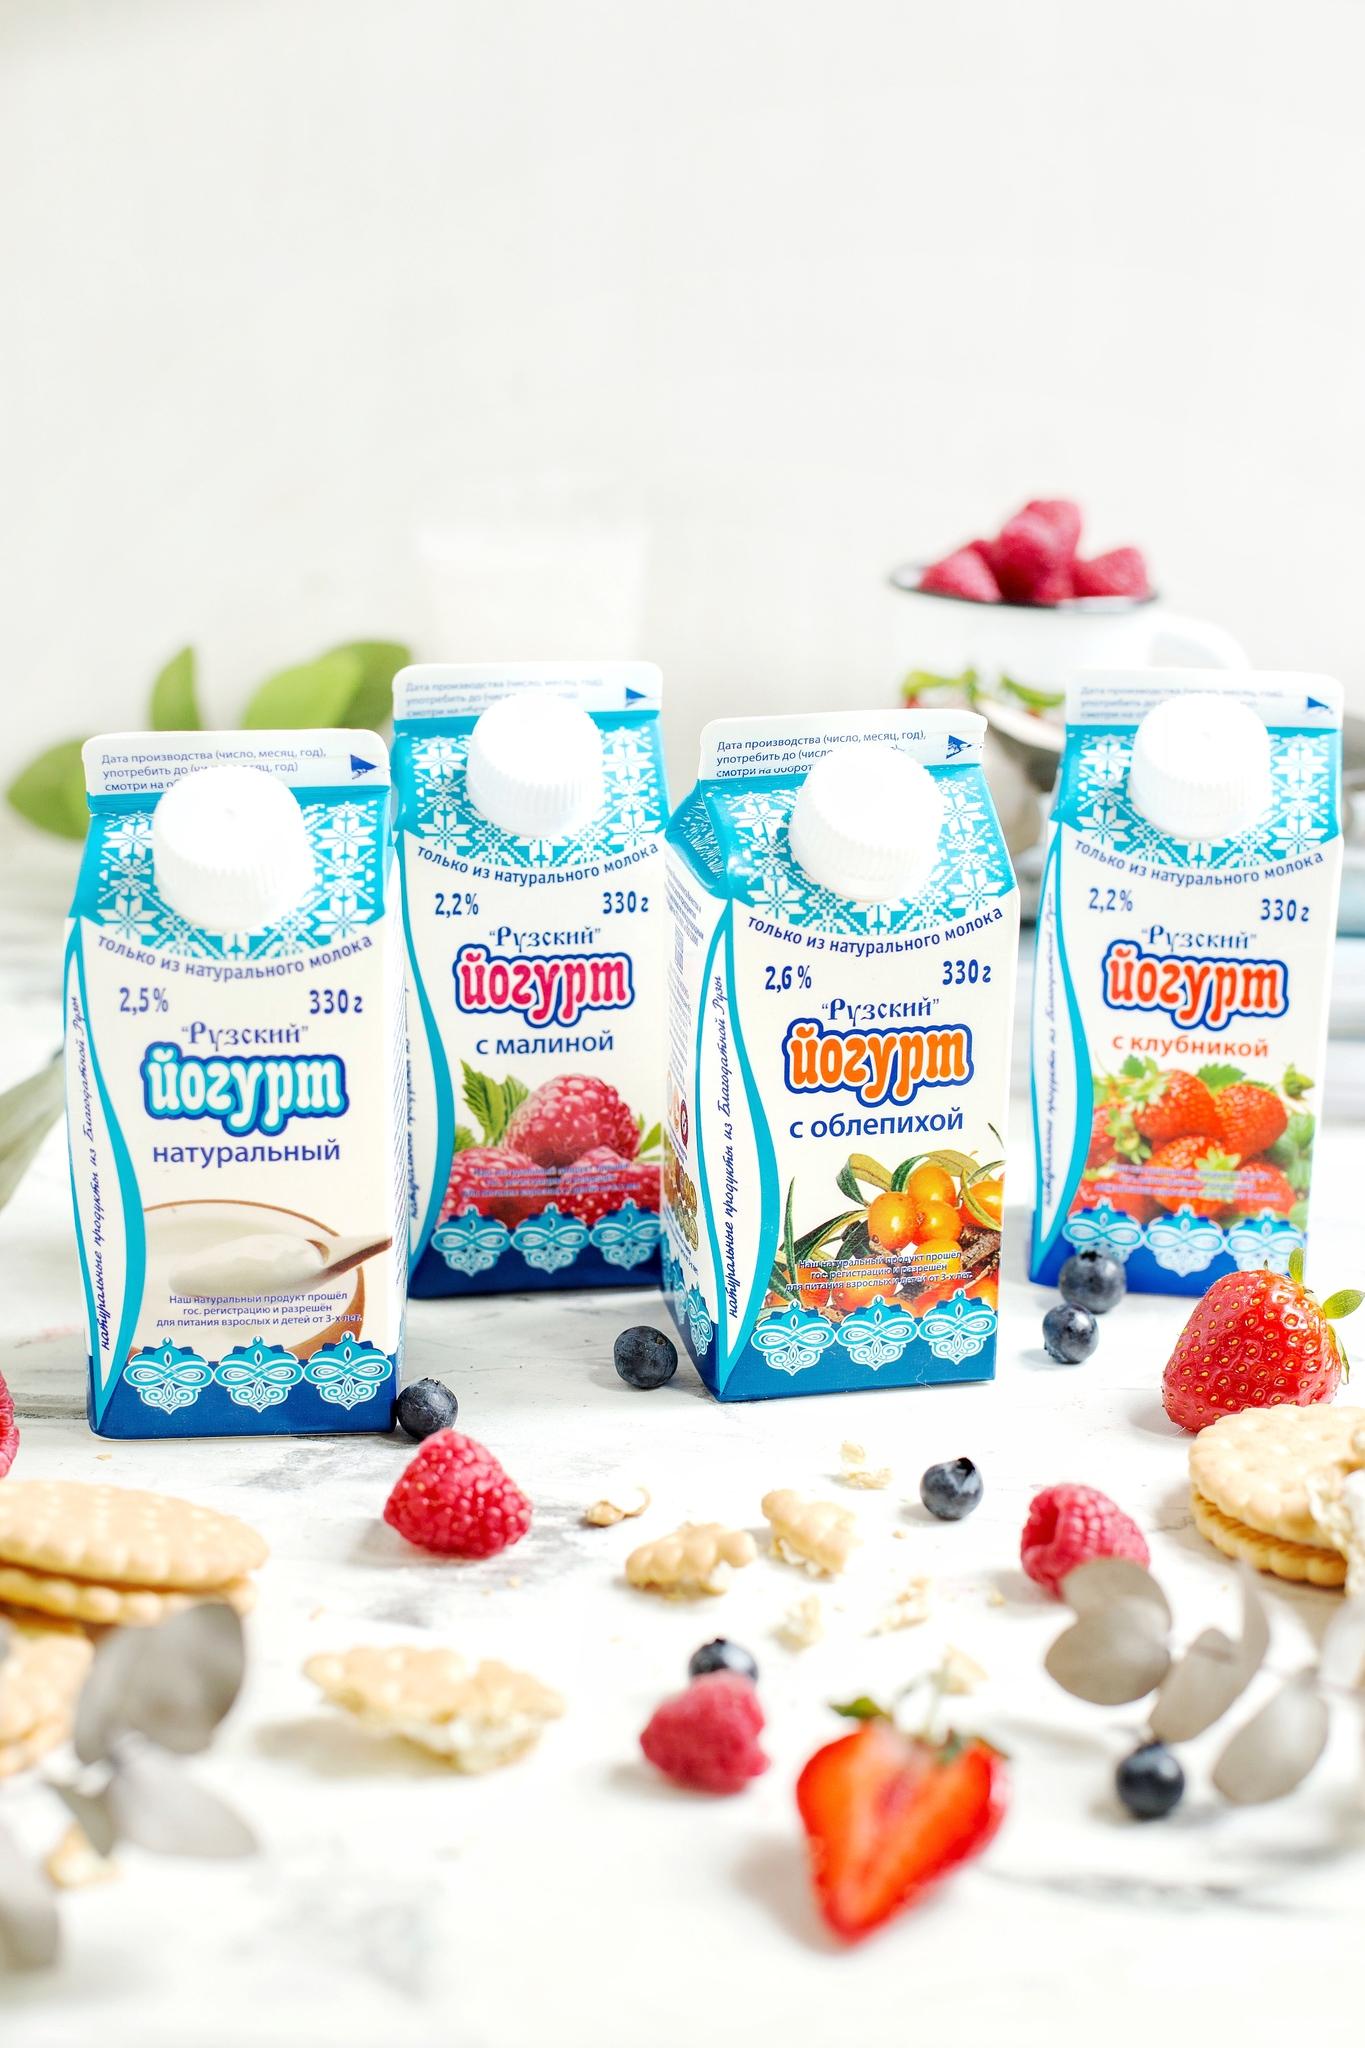 Рузский йогурт в подарок за первый заказ